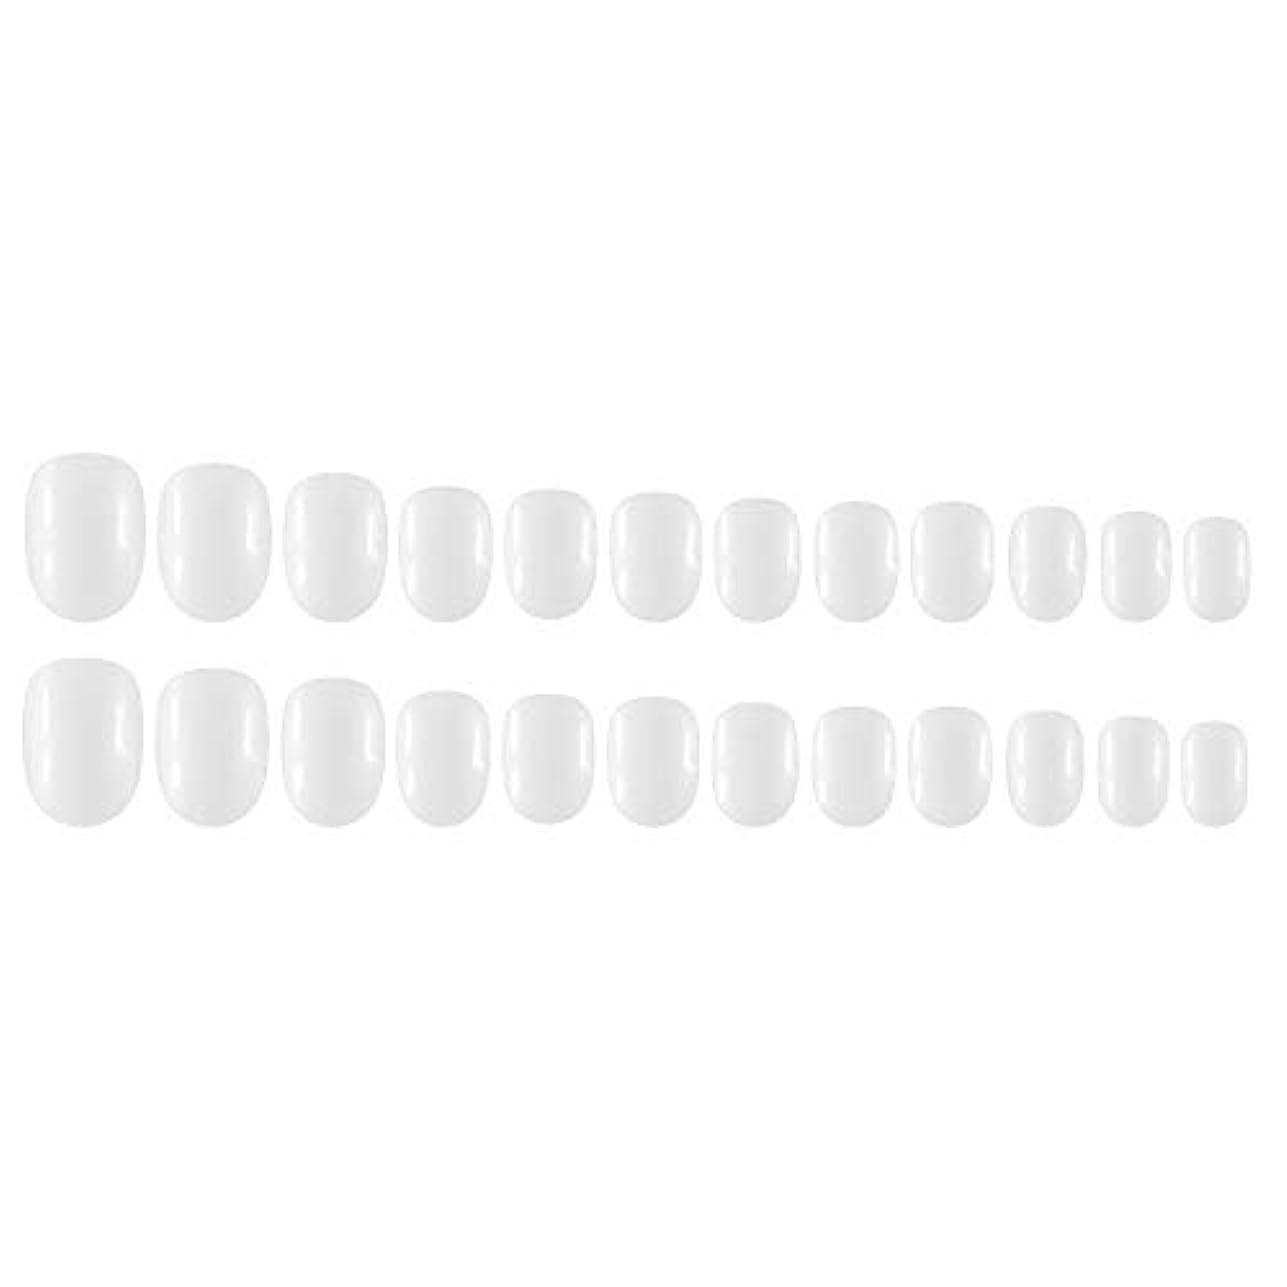 ドアミラー倒産雑多なDecdeal Decdeal ネイルチップ 24ピース 12異なるサイズ diy サロン ネイルアートツール 偽